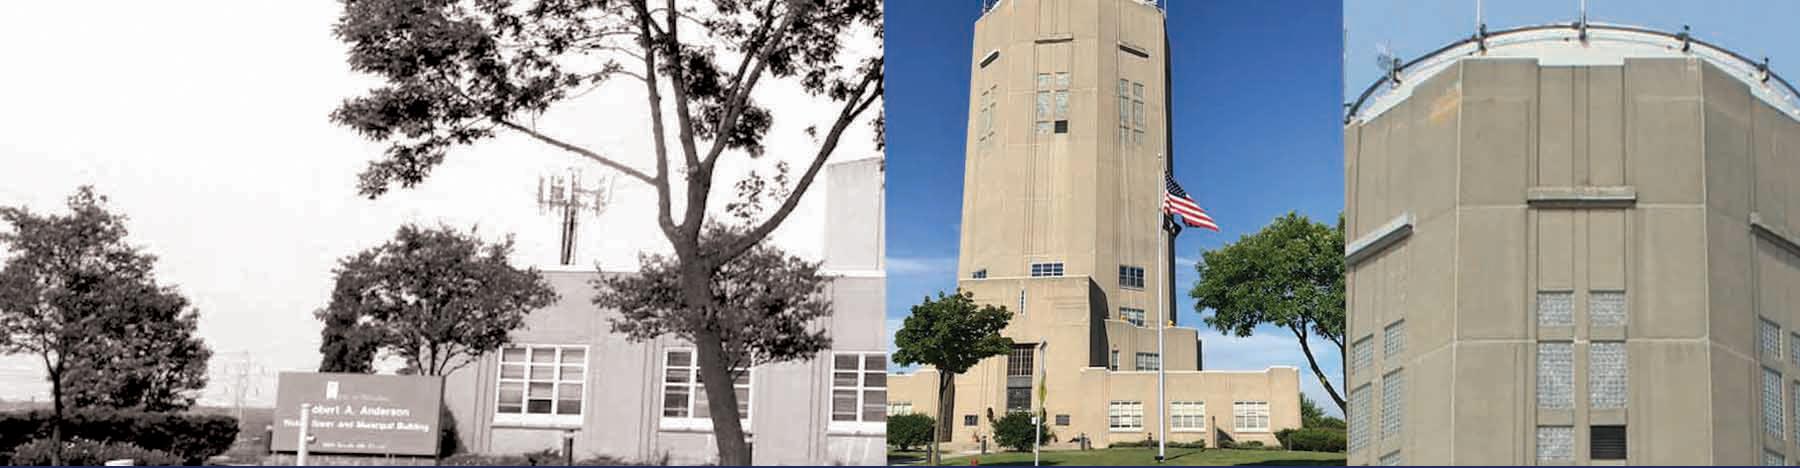 Robert A Anderson Municipal Building